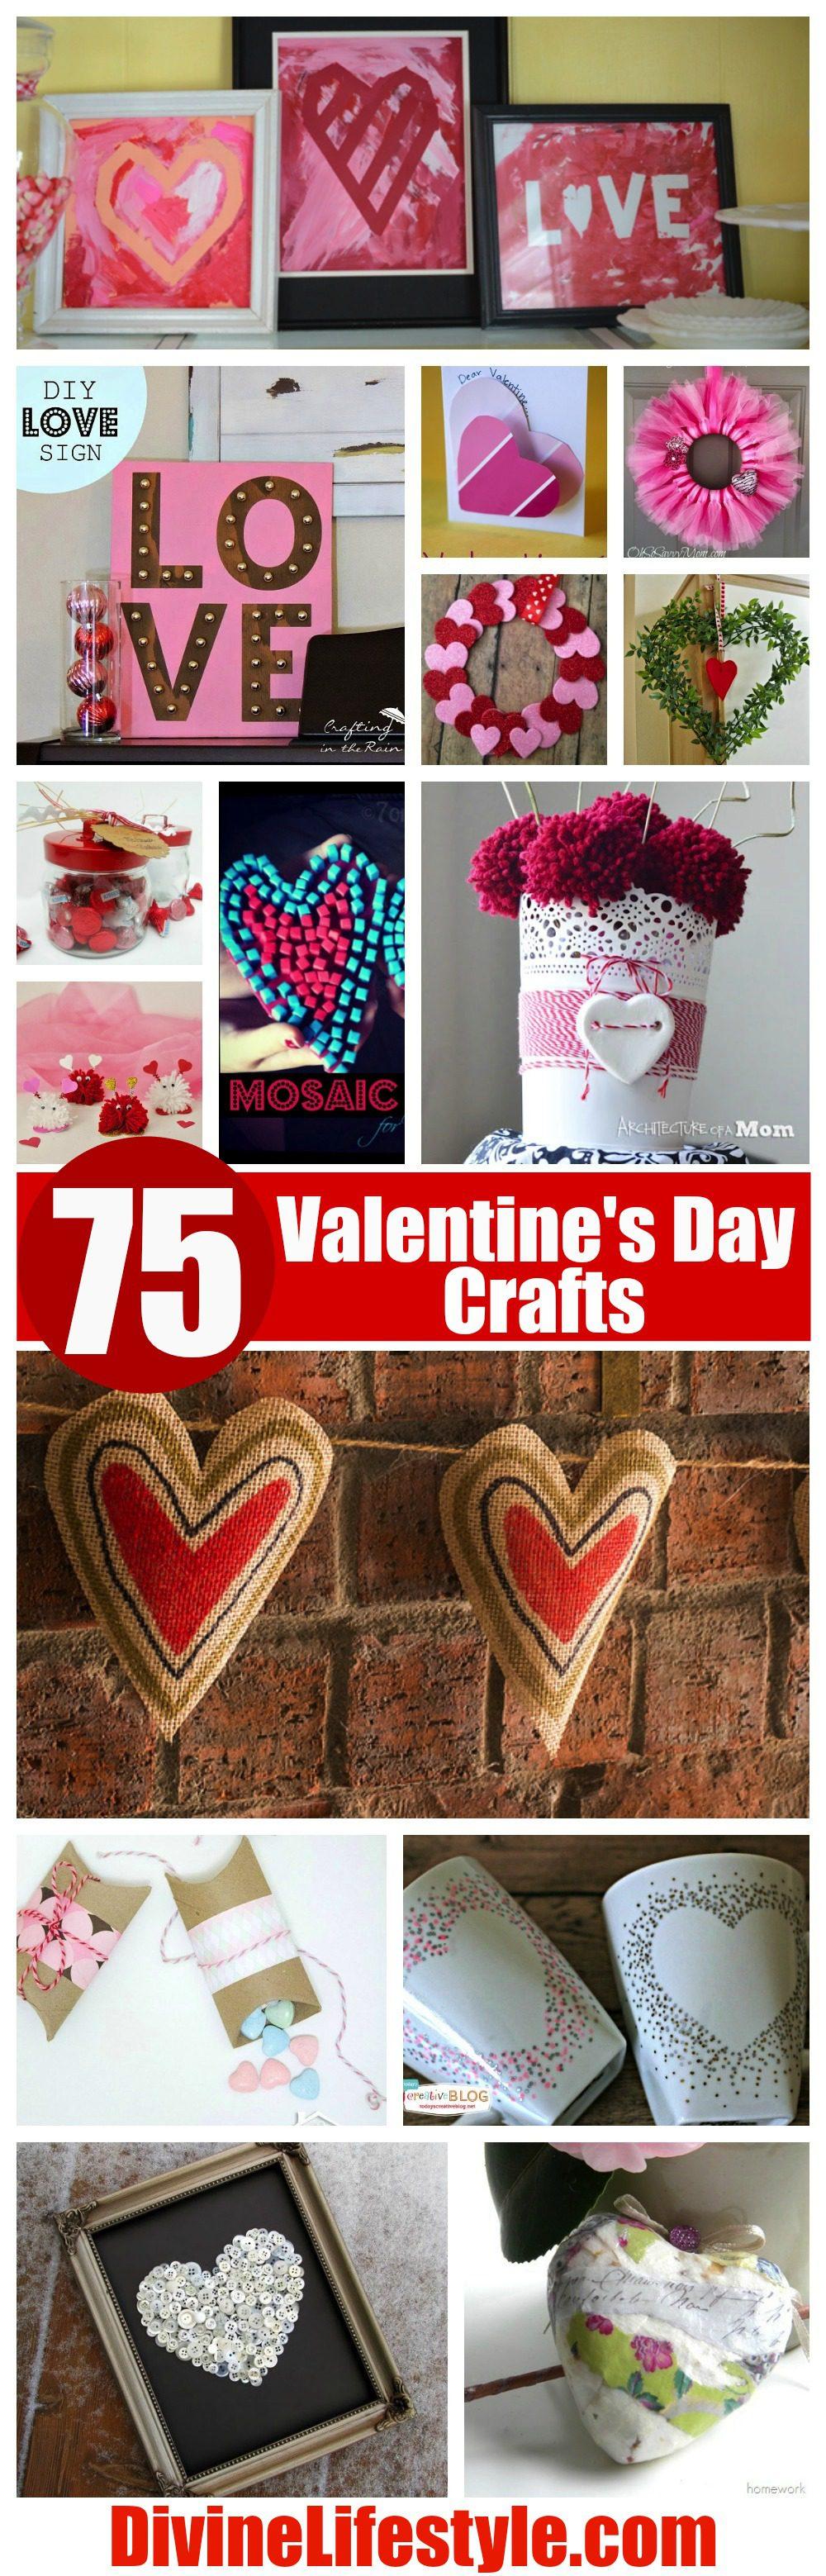 75 Valentine's Day Crafts